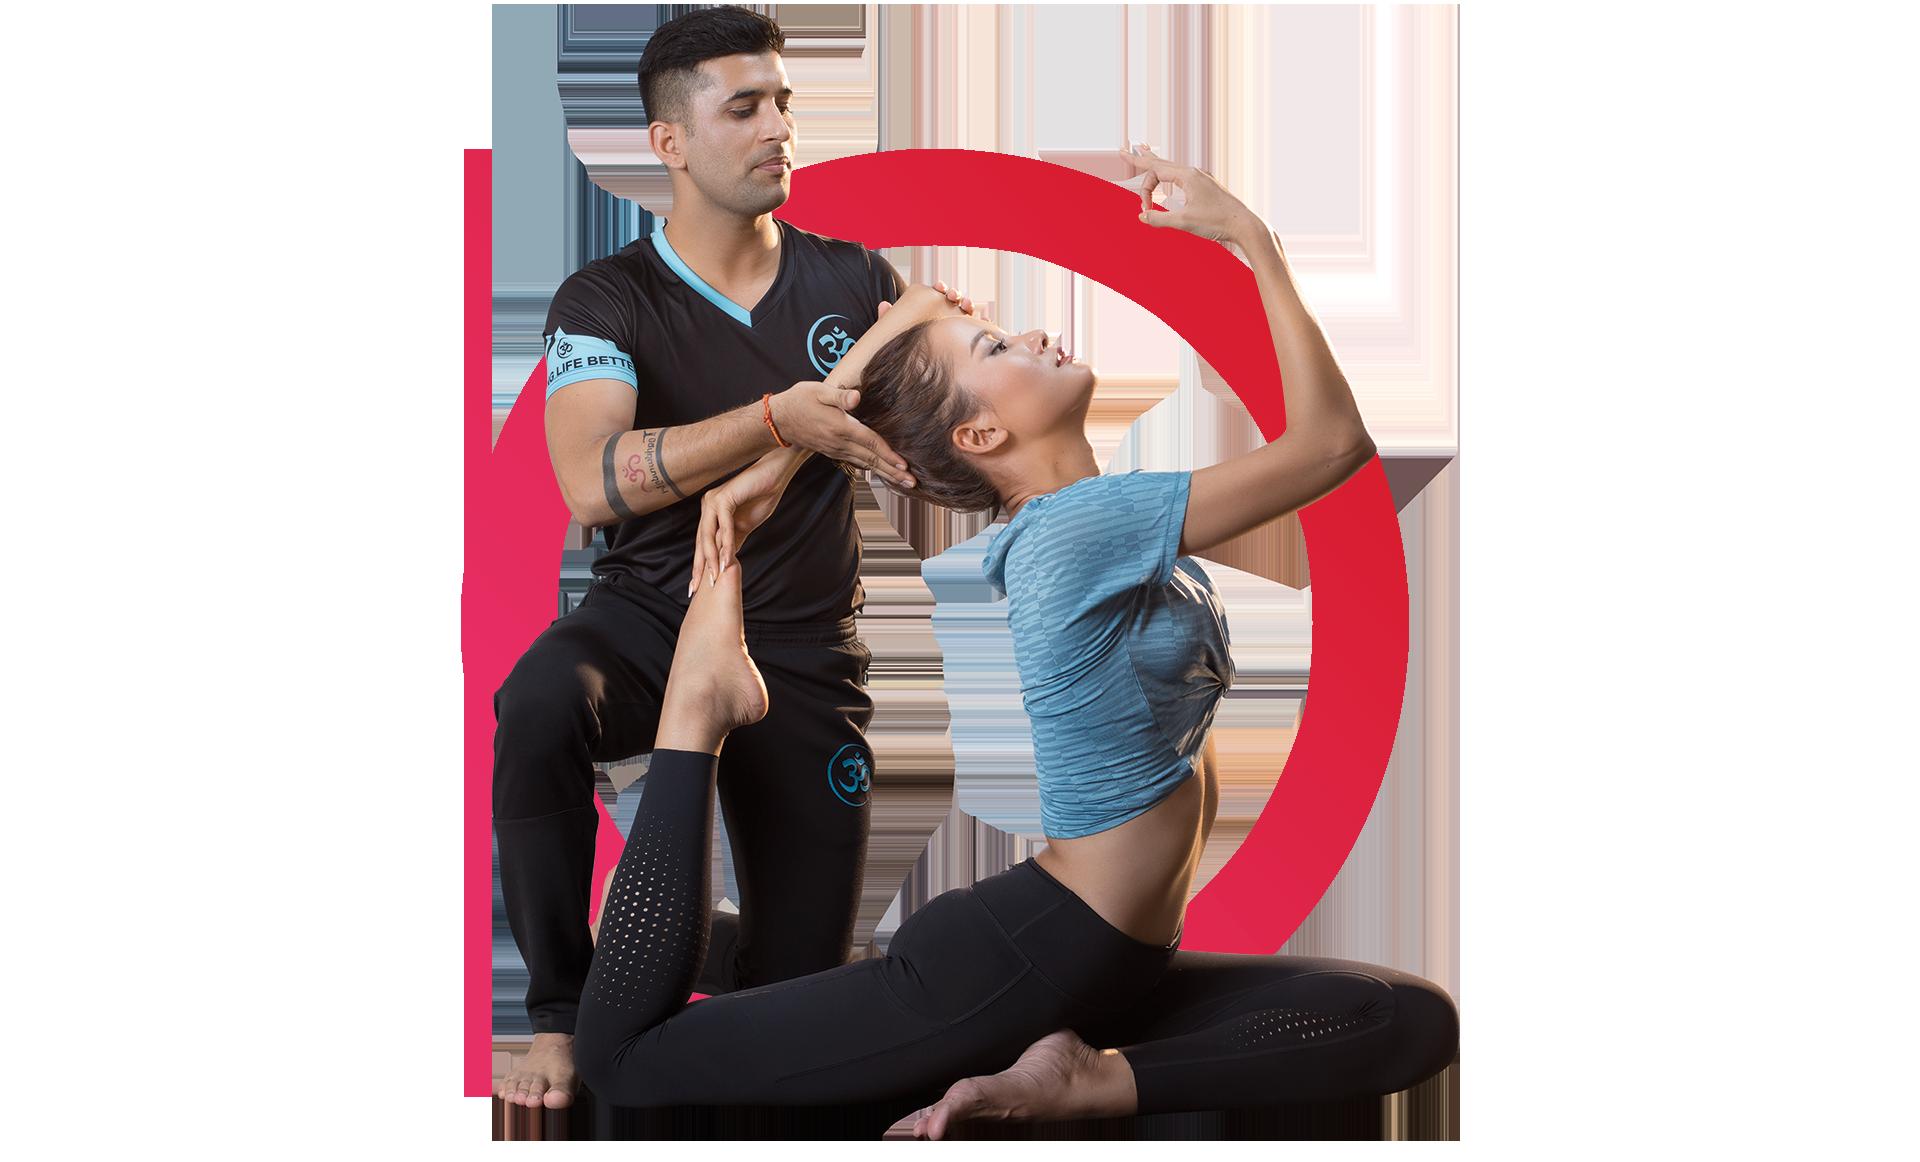 CEO của California Fitness  Yoga: Xe có thể thay mới nhưng cơ thể của bạn thì không - 5